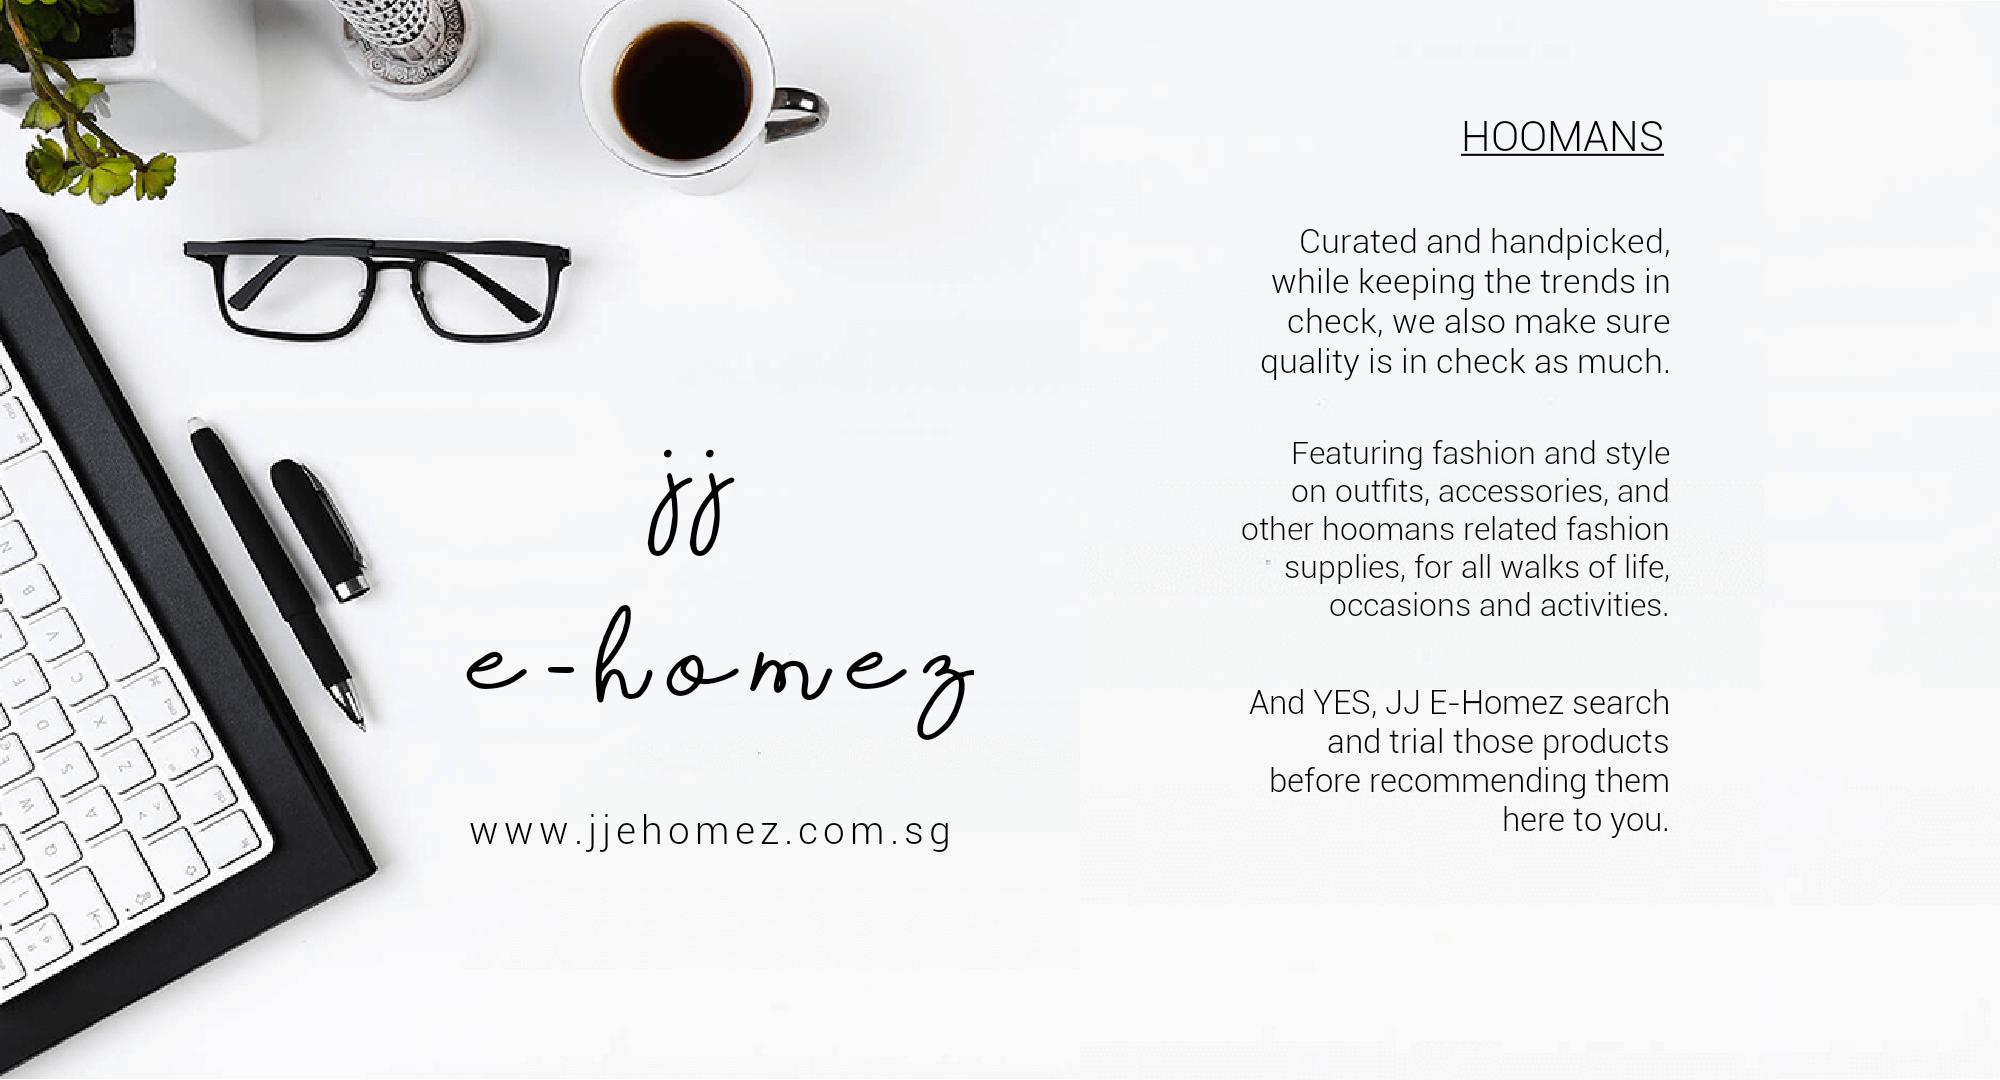 JJ E-Homez | HOOMANS